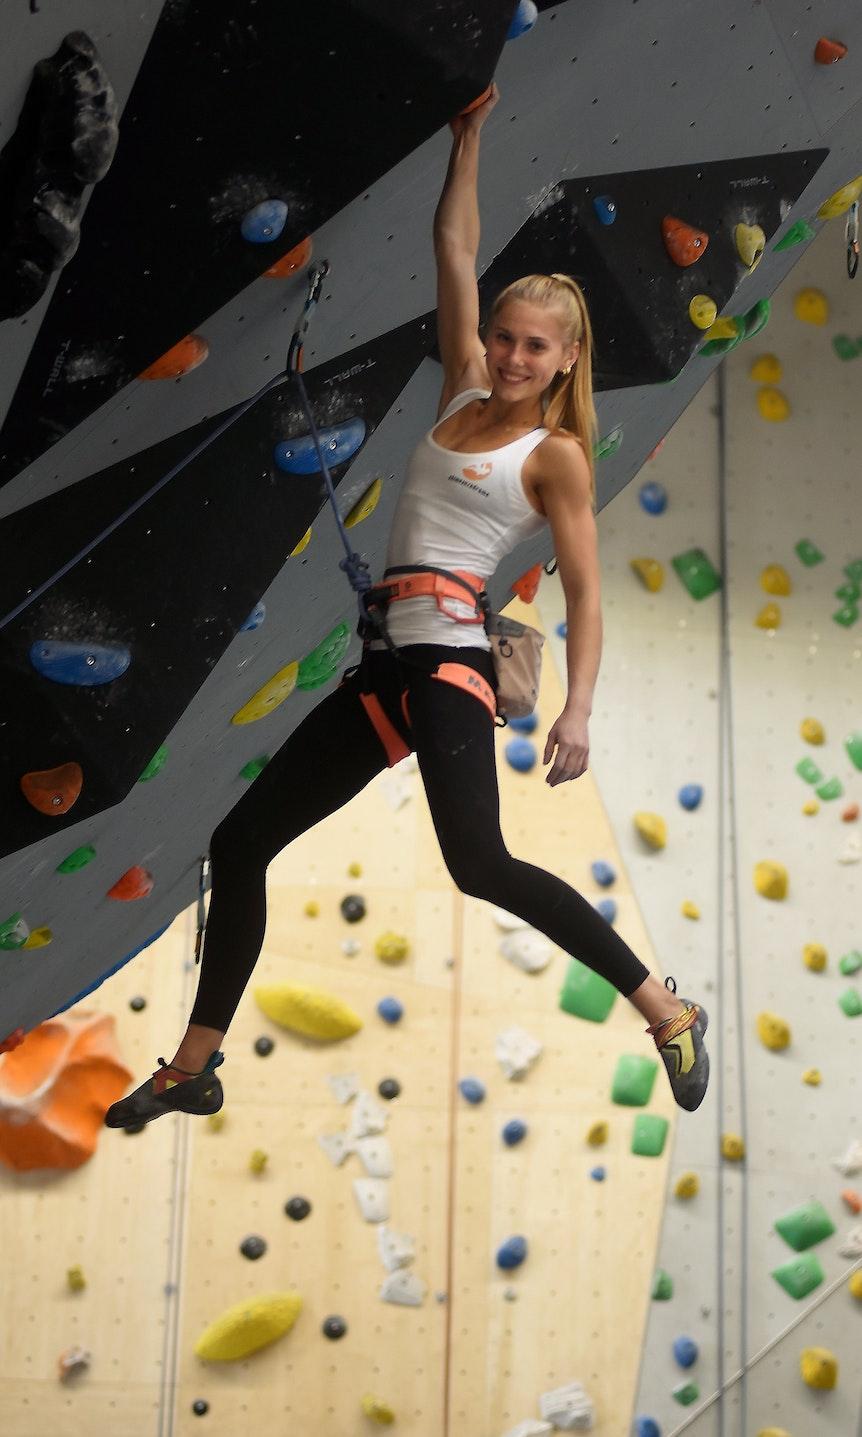 Kletterin Hannah Meul hängt mit einem breiten Grinsen an einem Arm an einem Griff in einer Kletterhalle.